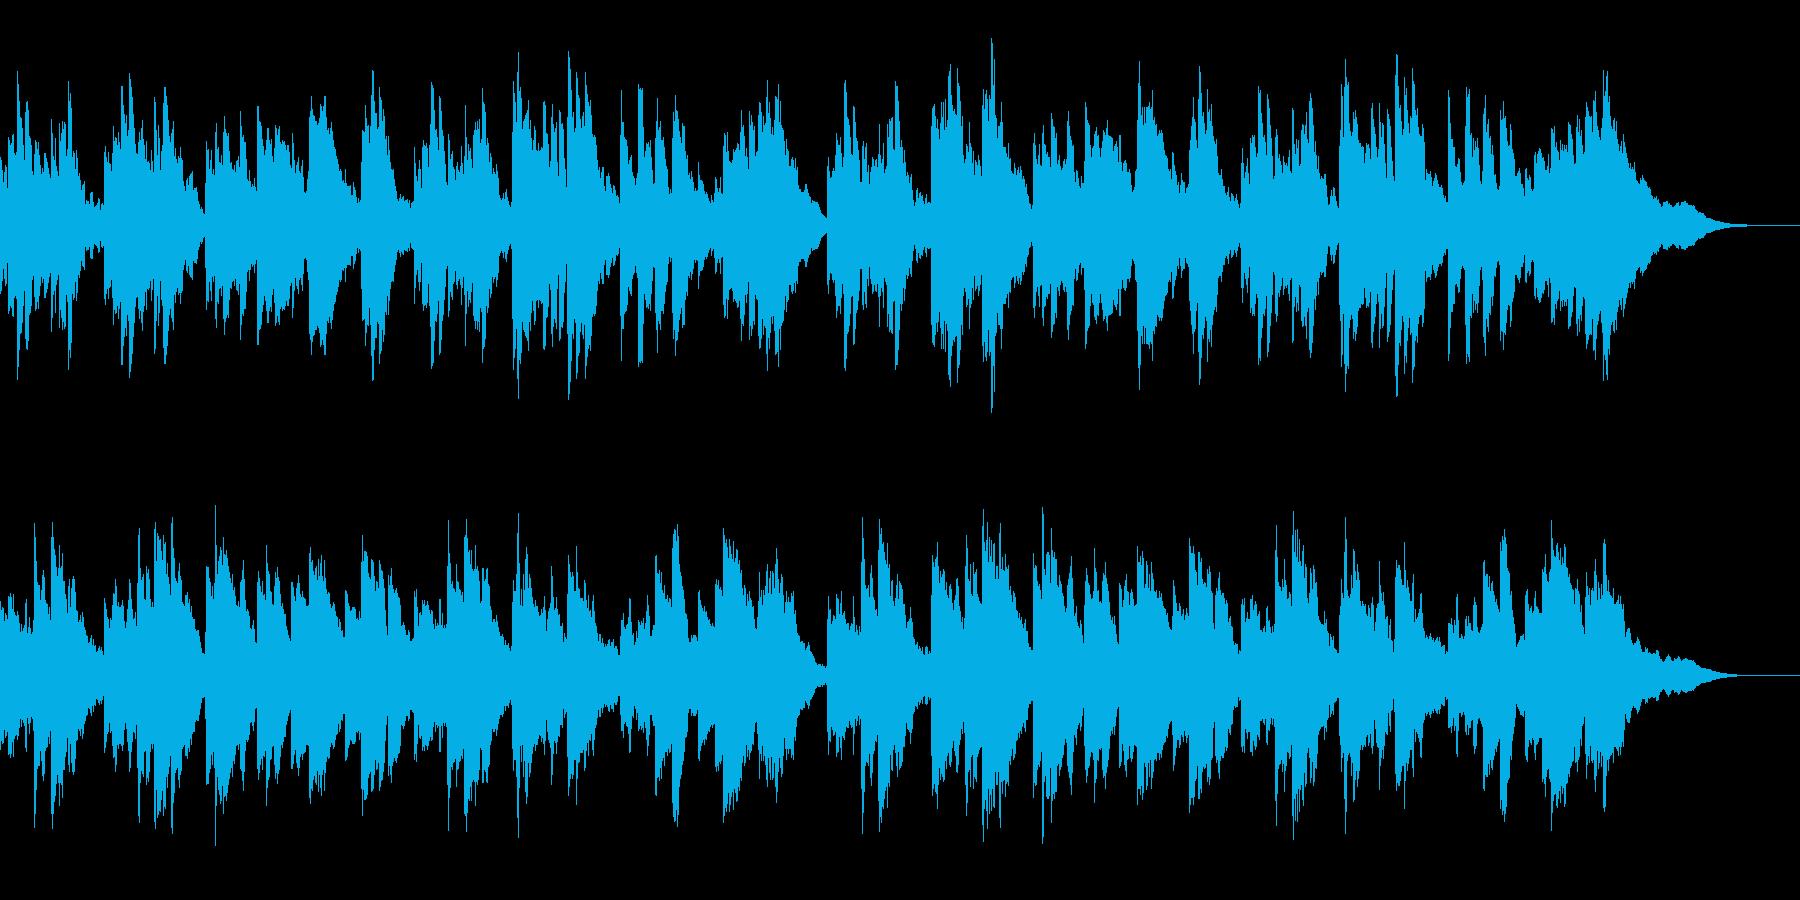 プラネタリウムをイメージしたピアノソロ曲の再生済みの波形